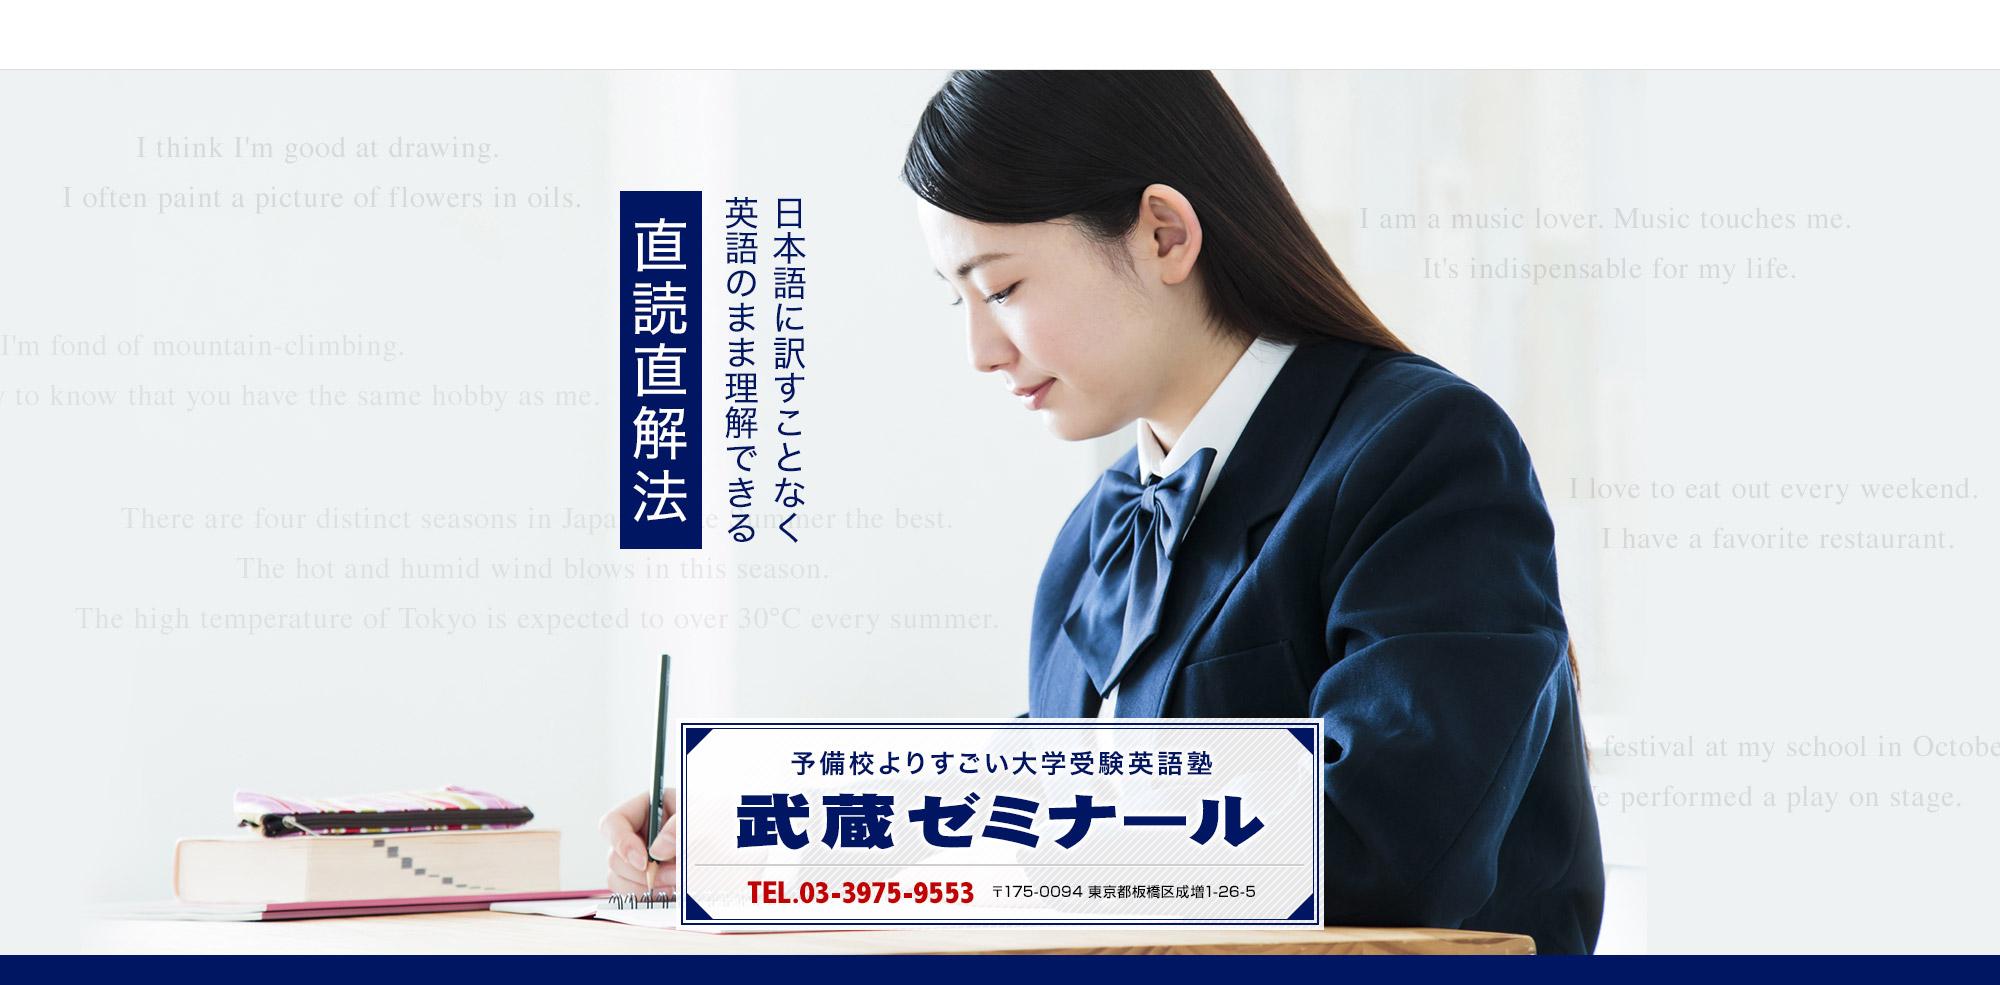 日本語に訳すことなく、英語のまま理解できる 直読直解法